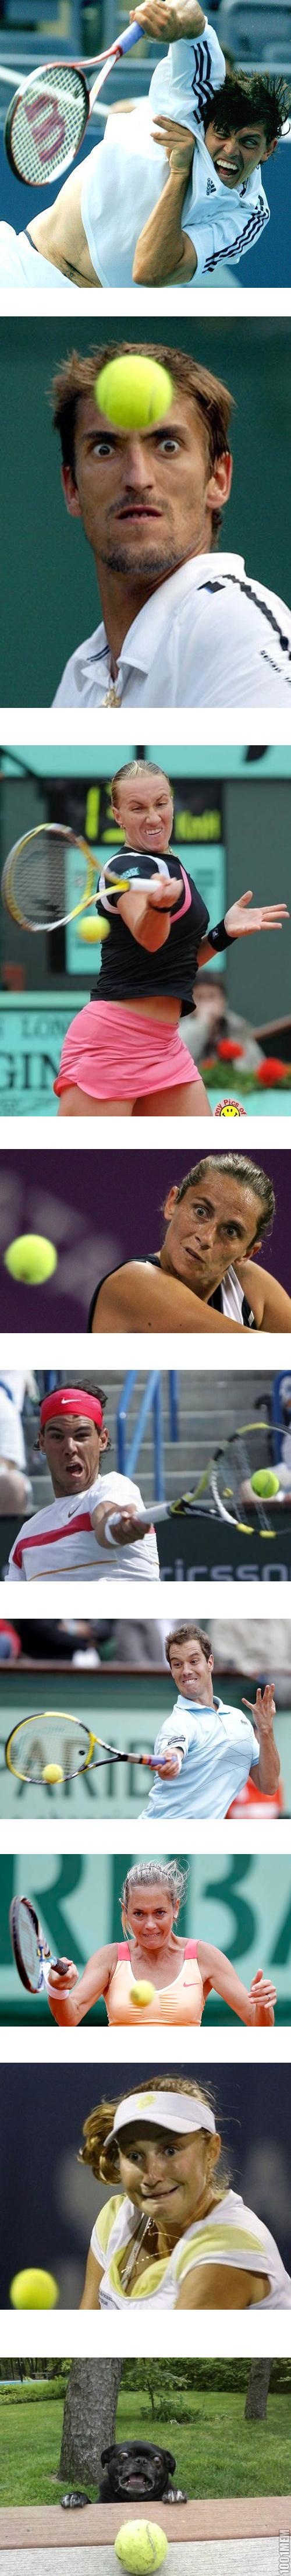 Теннисисты одержимые дьяволом